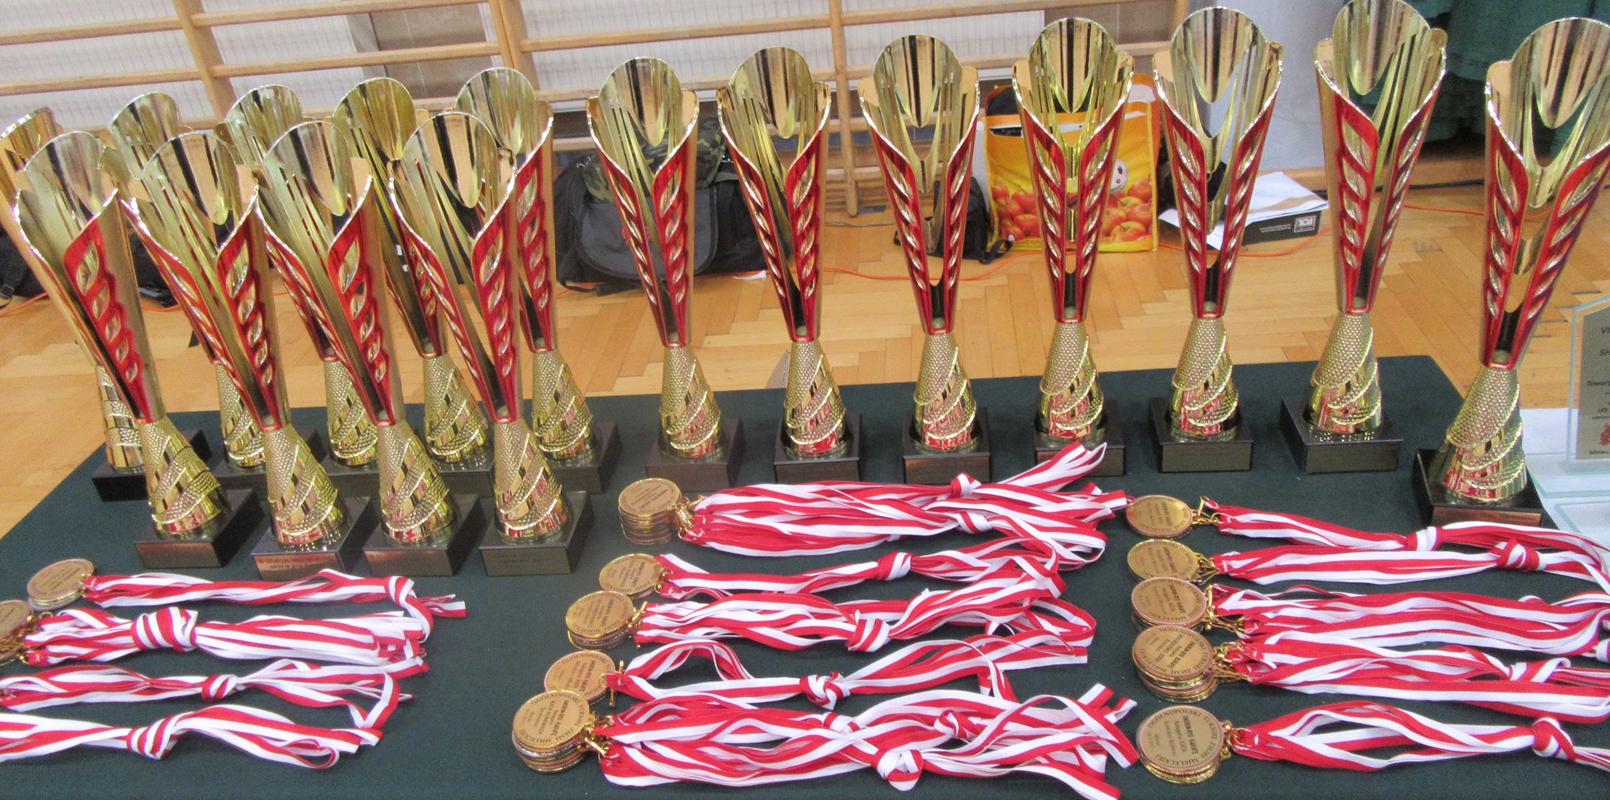 Nadnárodní Turnaj Karate Mielec (18.11.2017, Mielec) @ Mielec (Polsko)